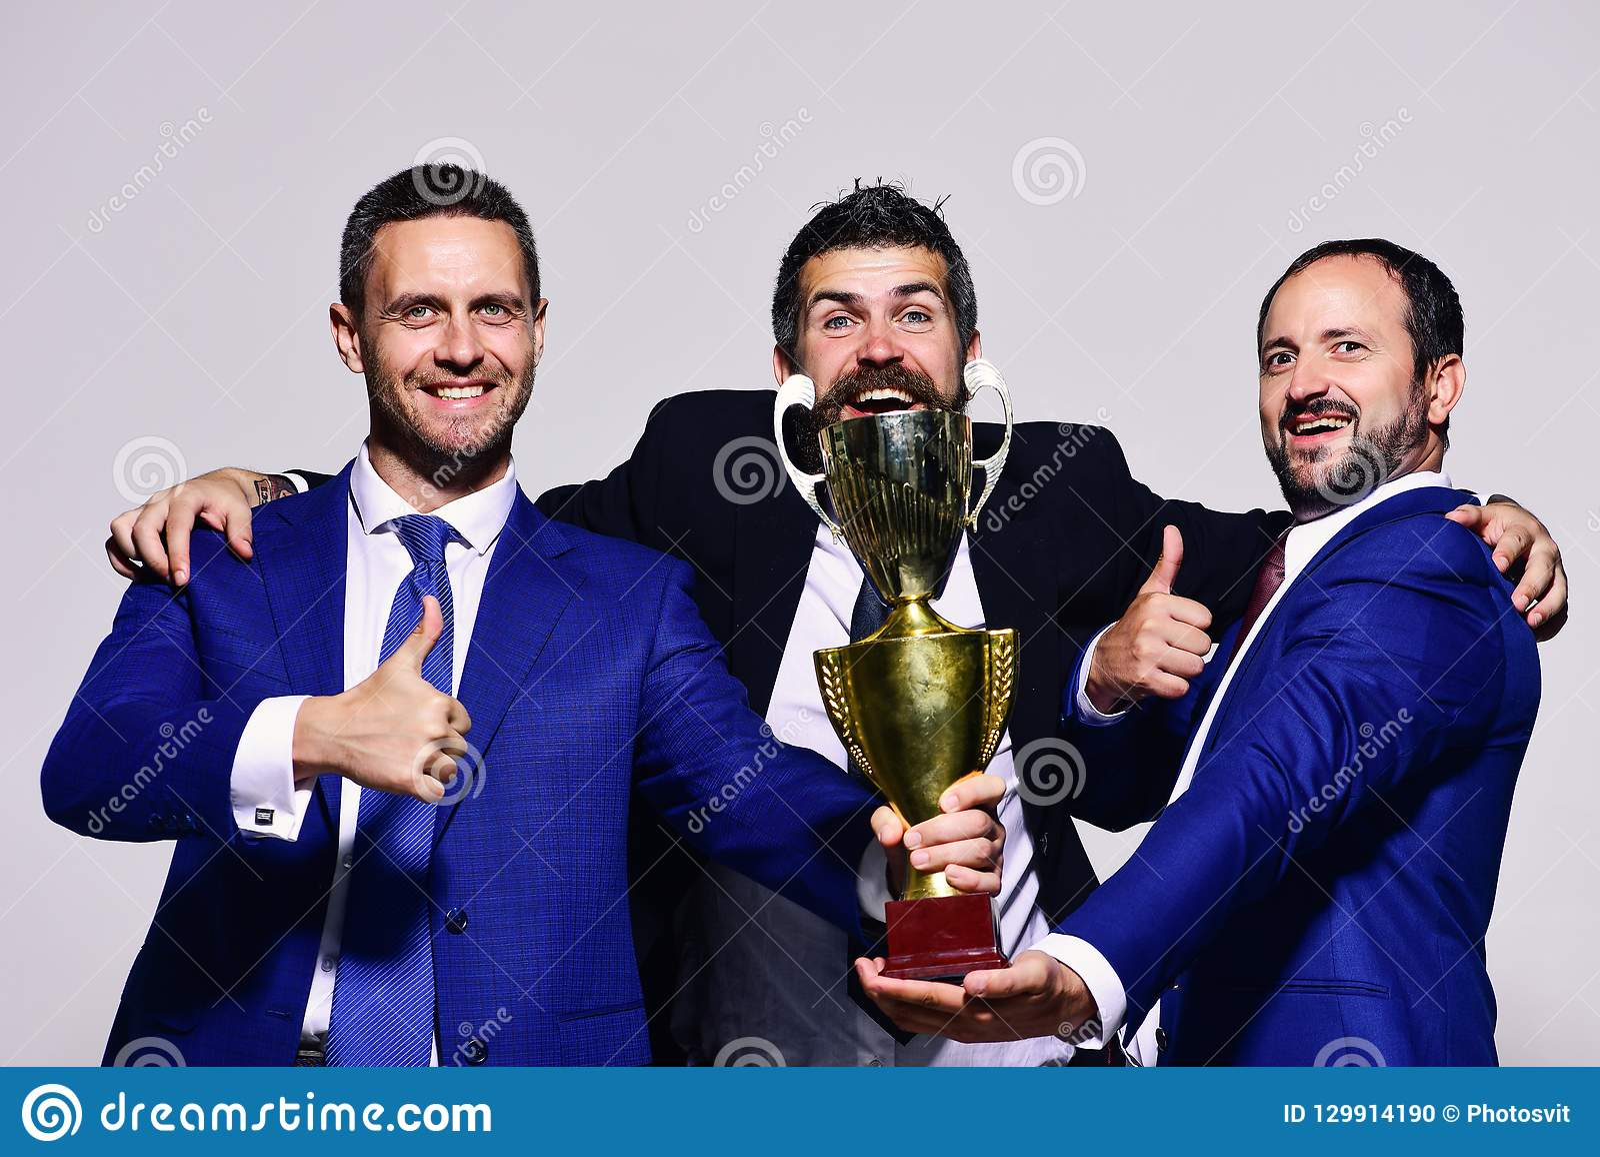 Los líderes de la compañía detienen el premio, los pulgares de la demostración y el abrazo de oro